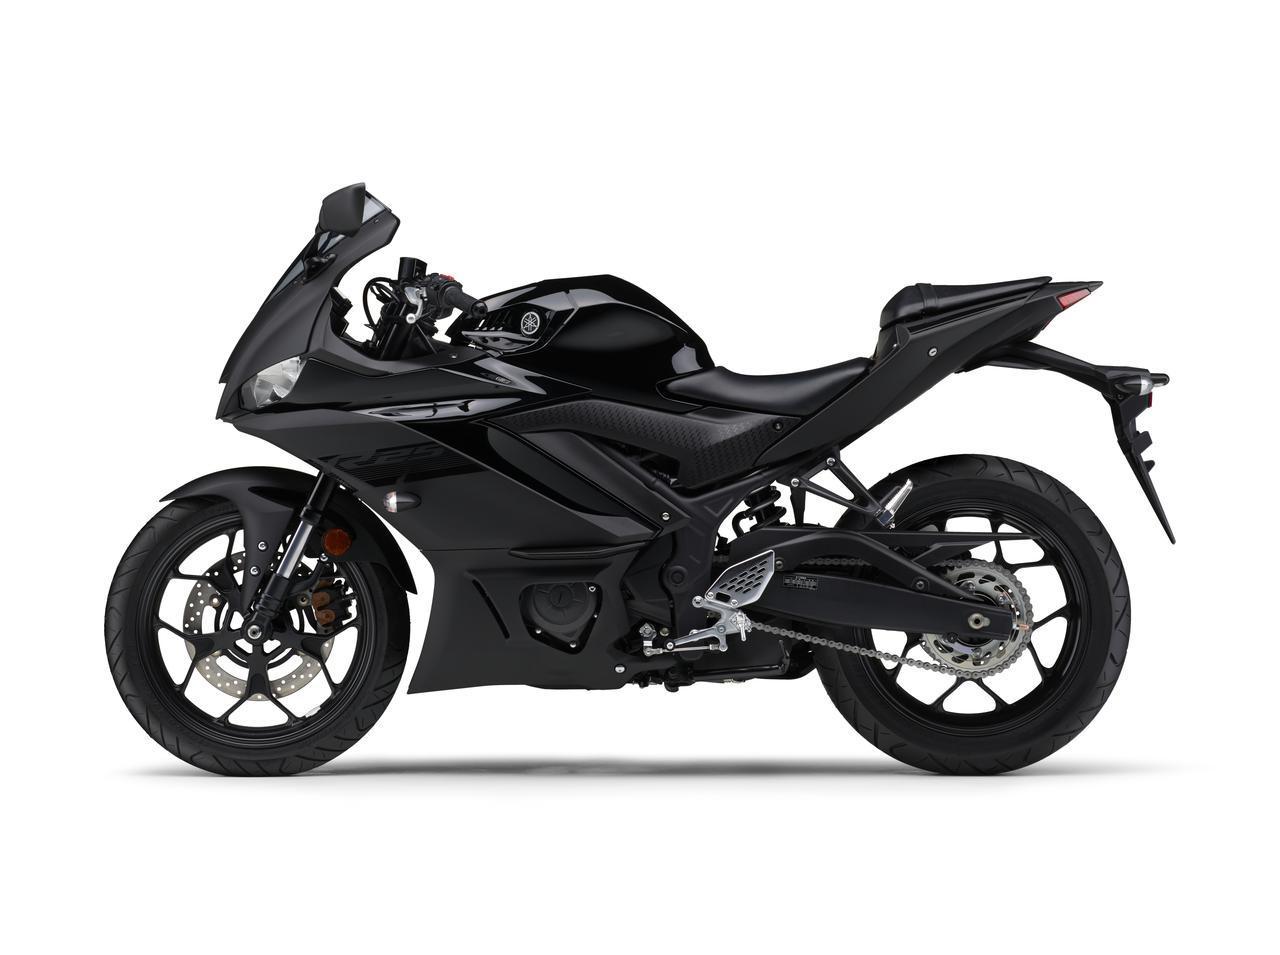 画像32: ヤマハ「YZF-R25/ABS」「YZF-R3 ABS」の2020年モデルが2月14日(金)発売! 3色展開で、すべてニューカラー!